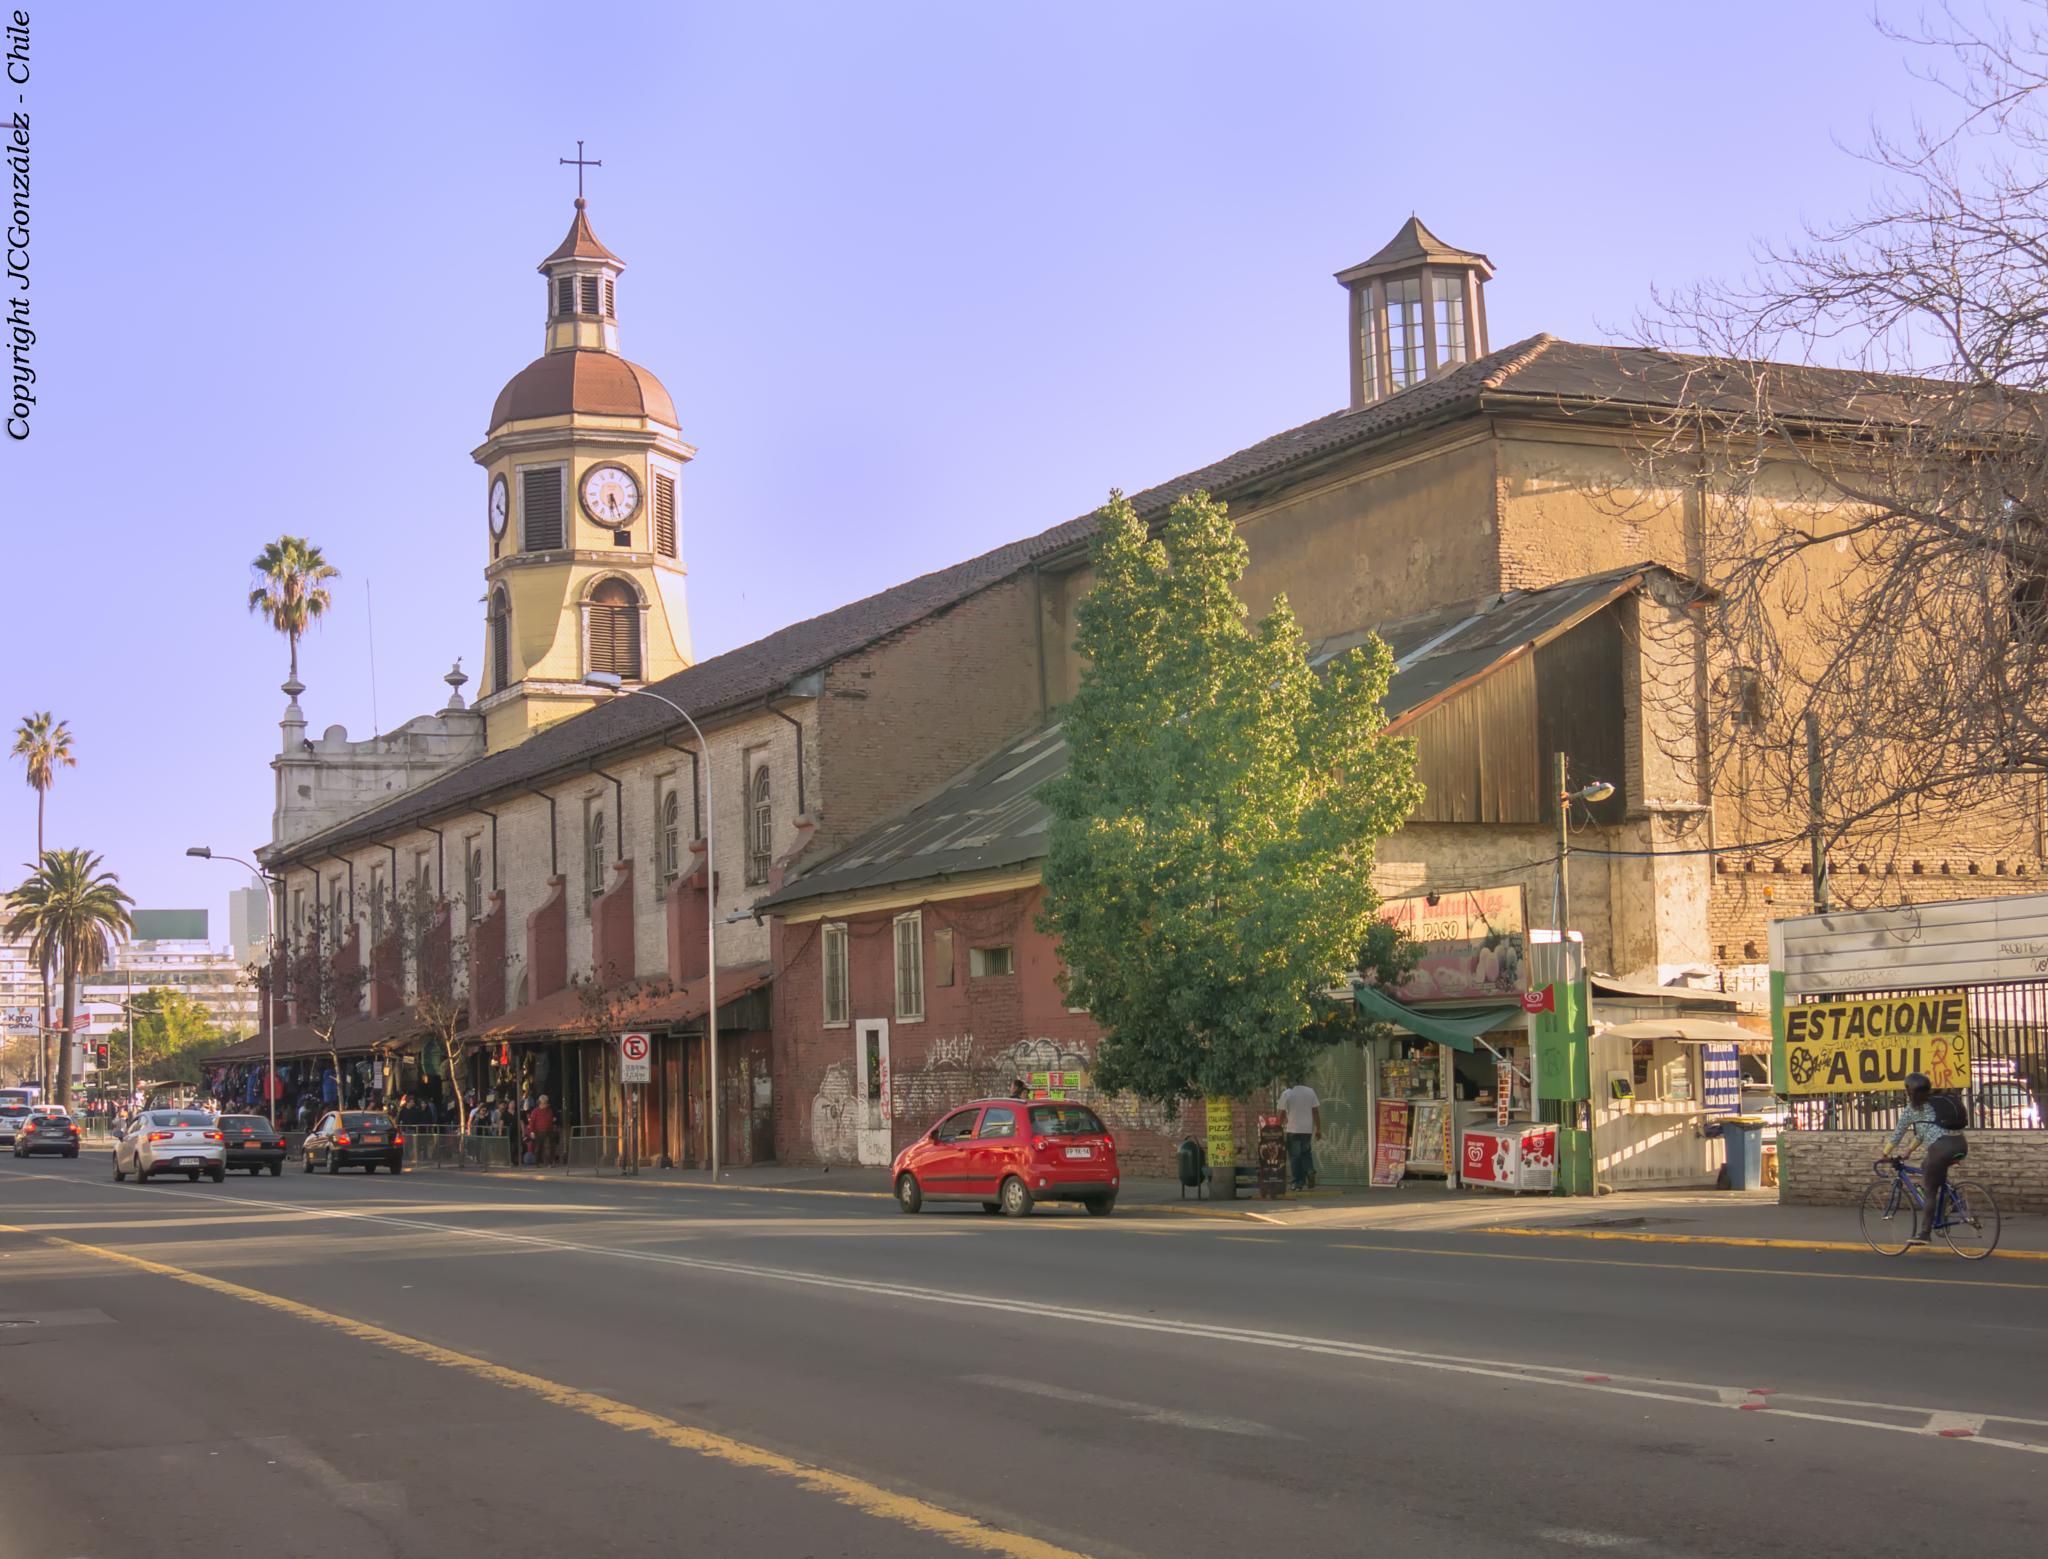 La iglesia y convento de la Recoleta Franciscana. by JuanCaPhotography